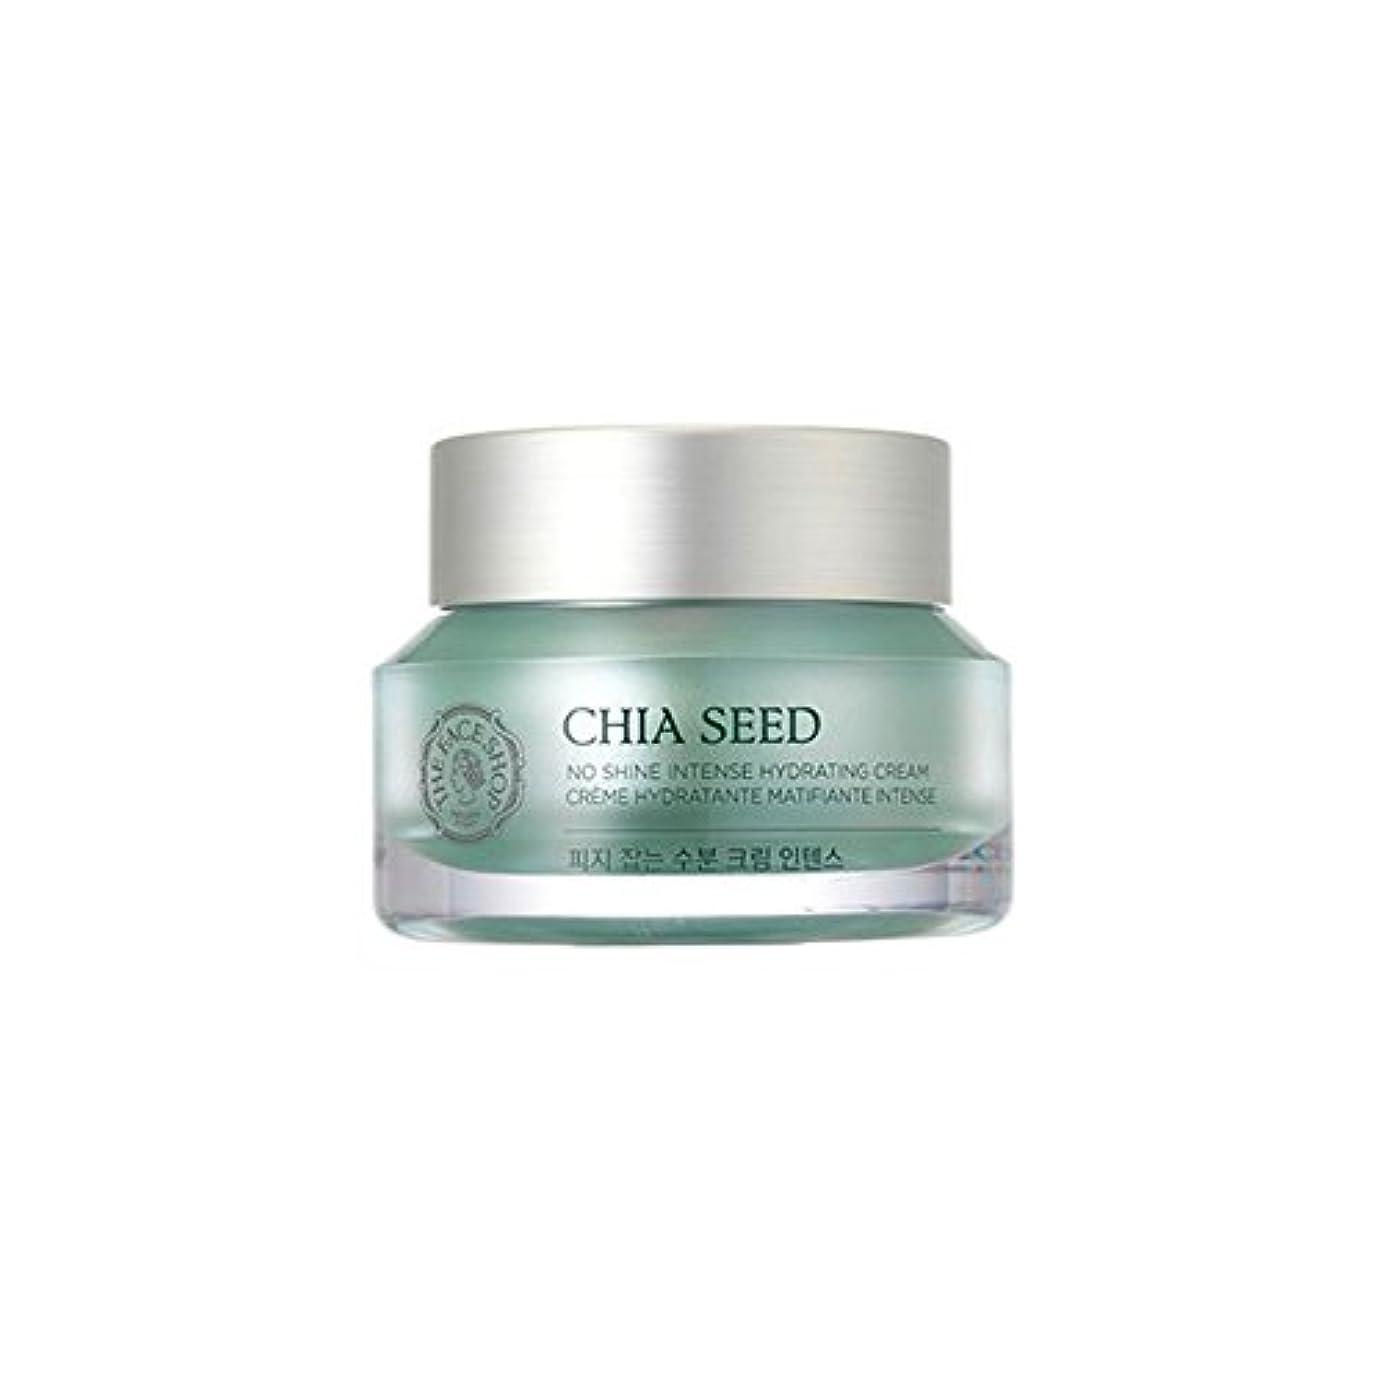 考案する押し下げる叫ぶ[ザ·フェイスショップ]The Face Shop チアシードノーシャインインテンス水分クリーム(50ml) The Face Shop Chia Seed No Shine Intense Hydrating Cream...